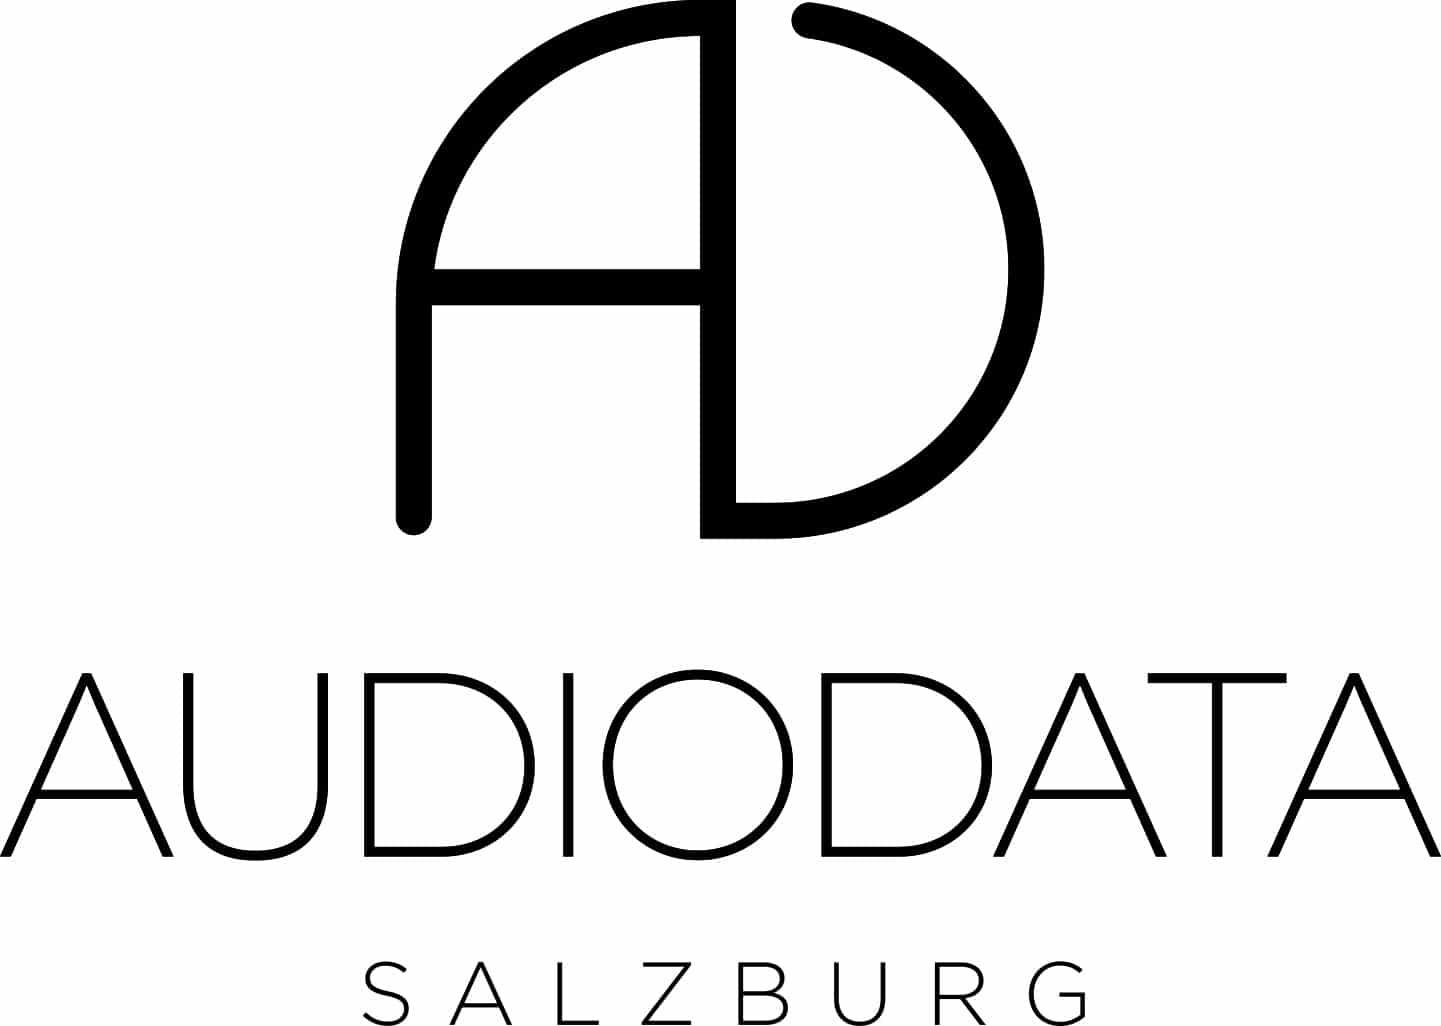 Audiodata